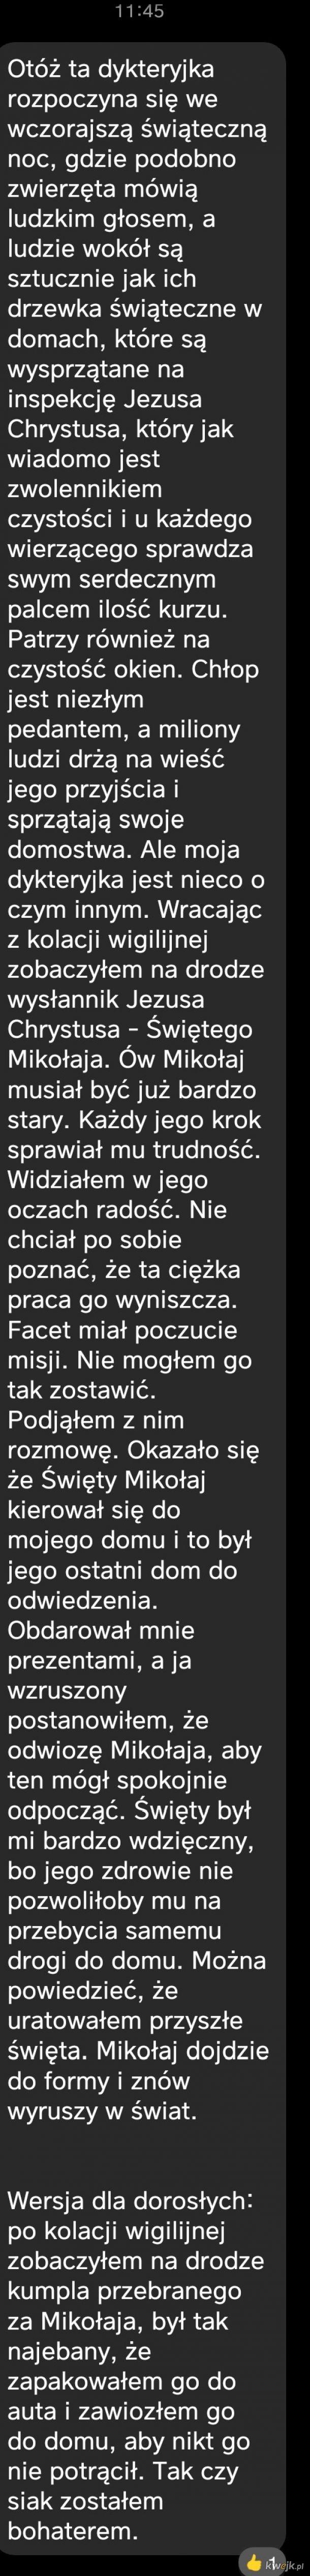 Opowieść wigilijna - wersja polska